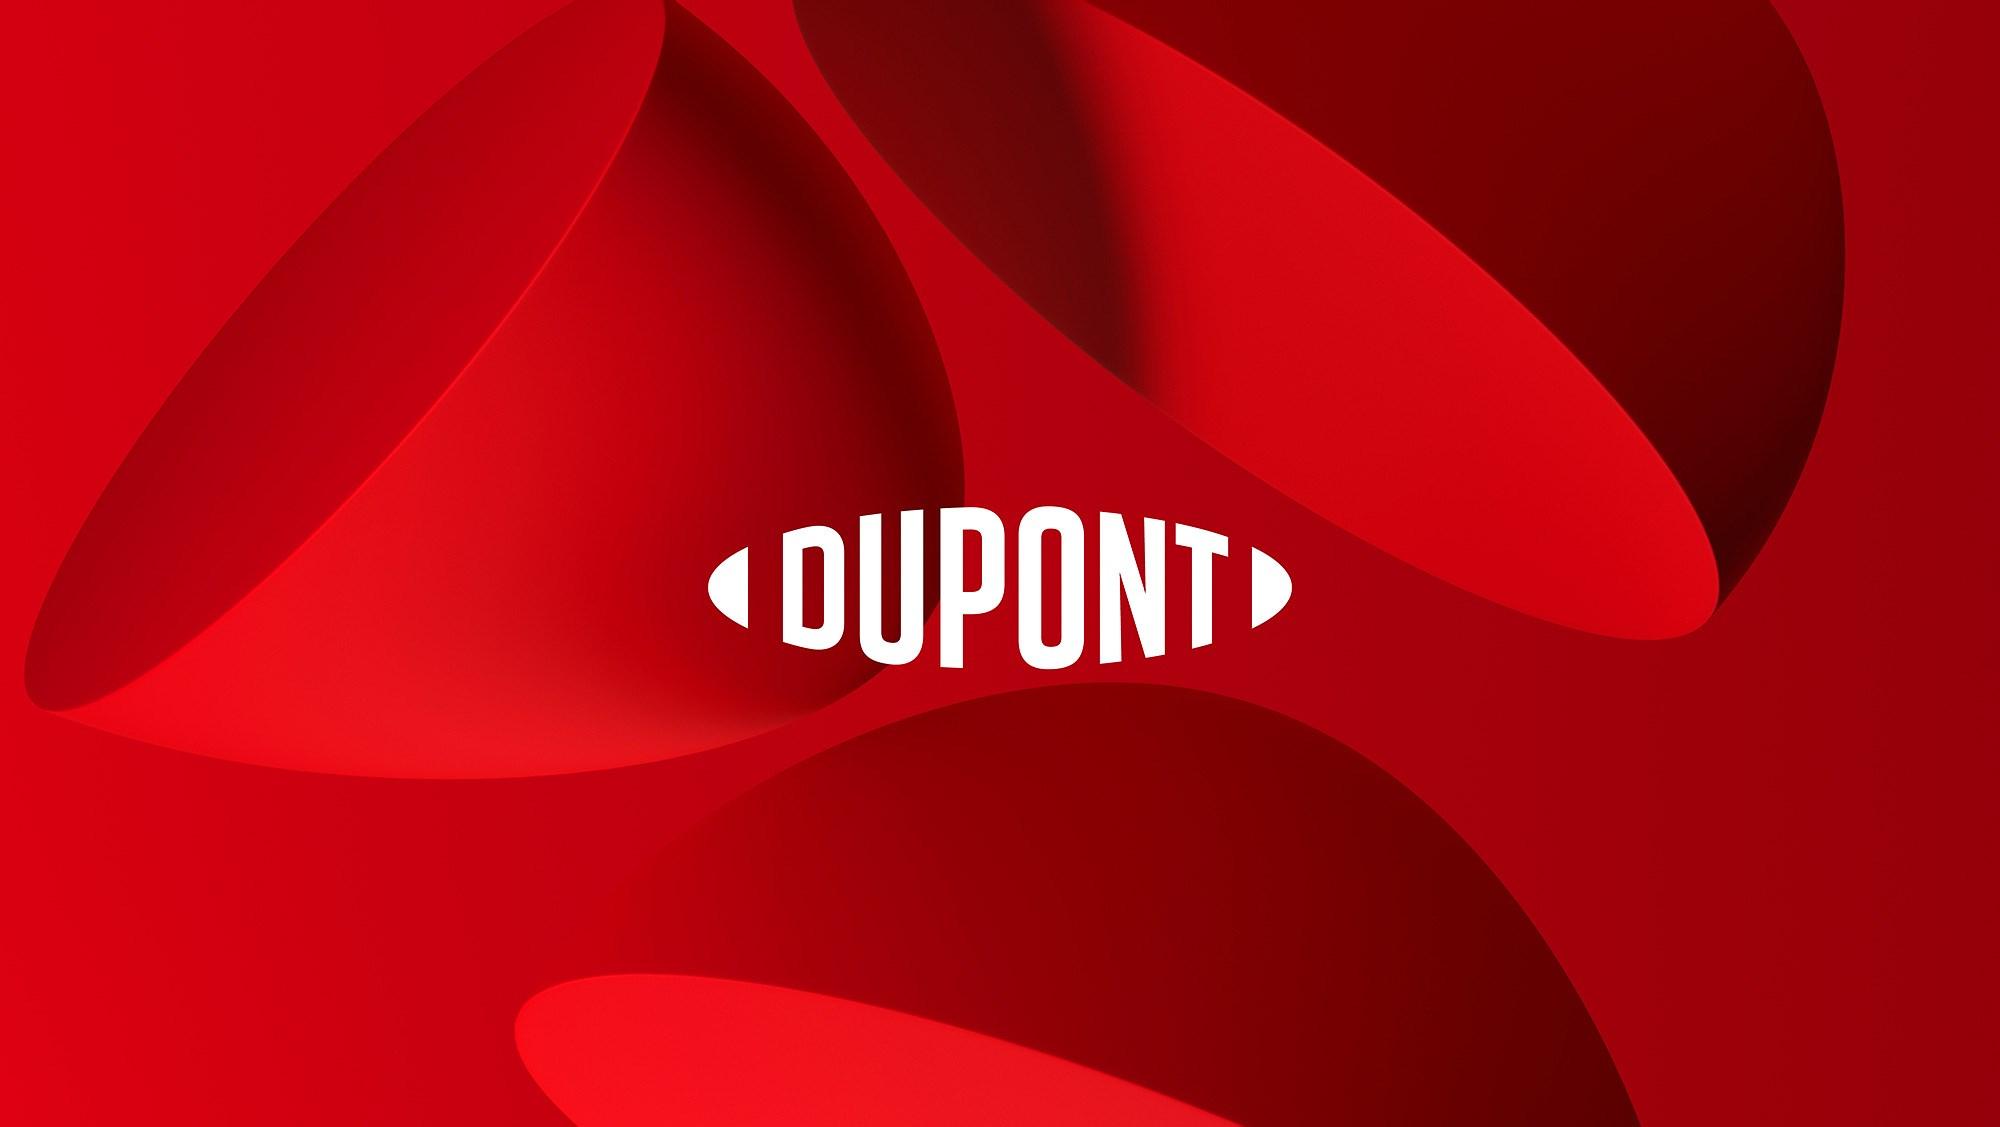 03-dupont_logo_with_pattern.jpg